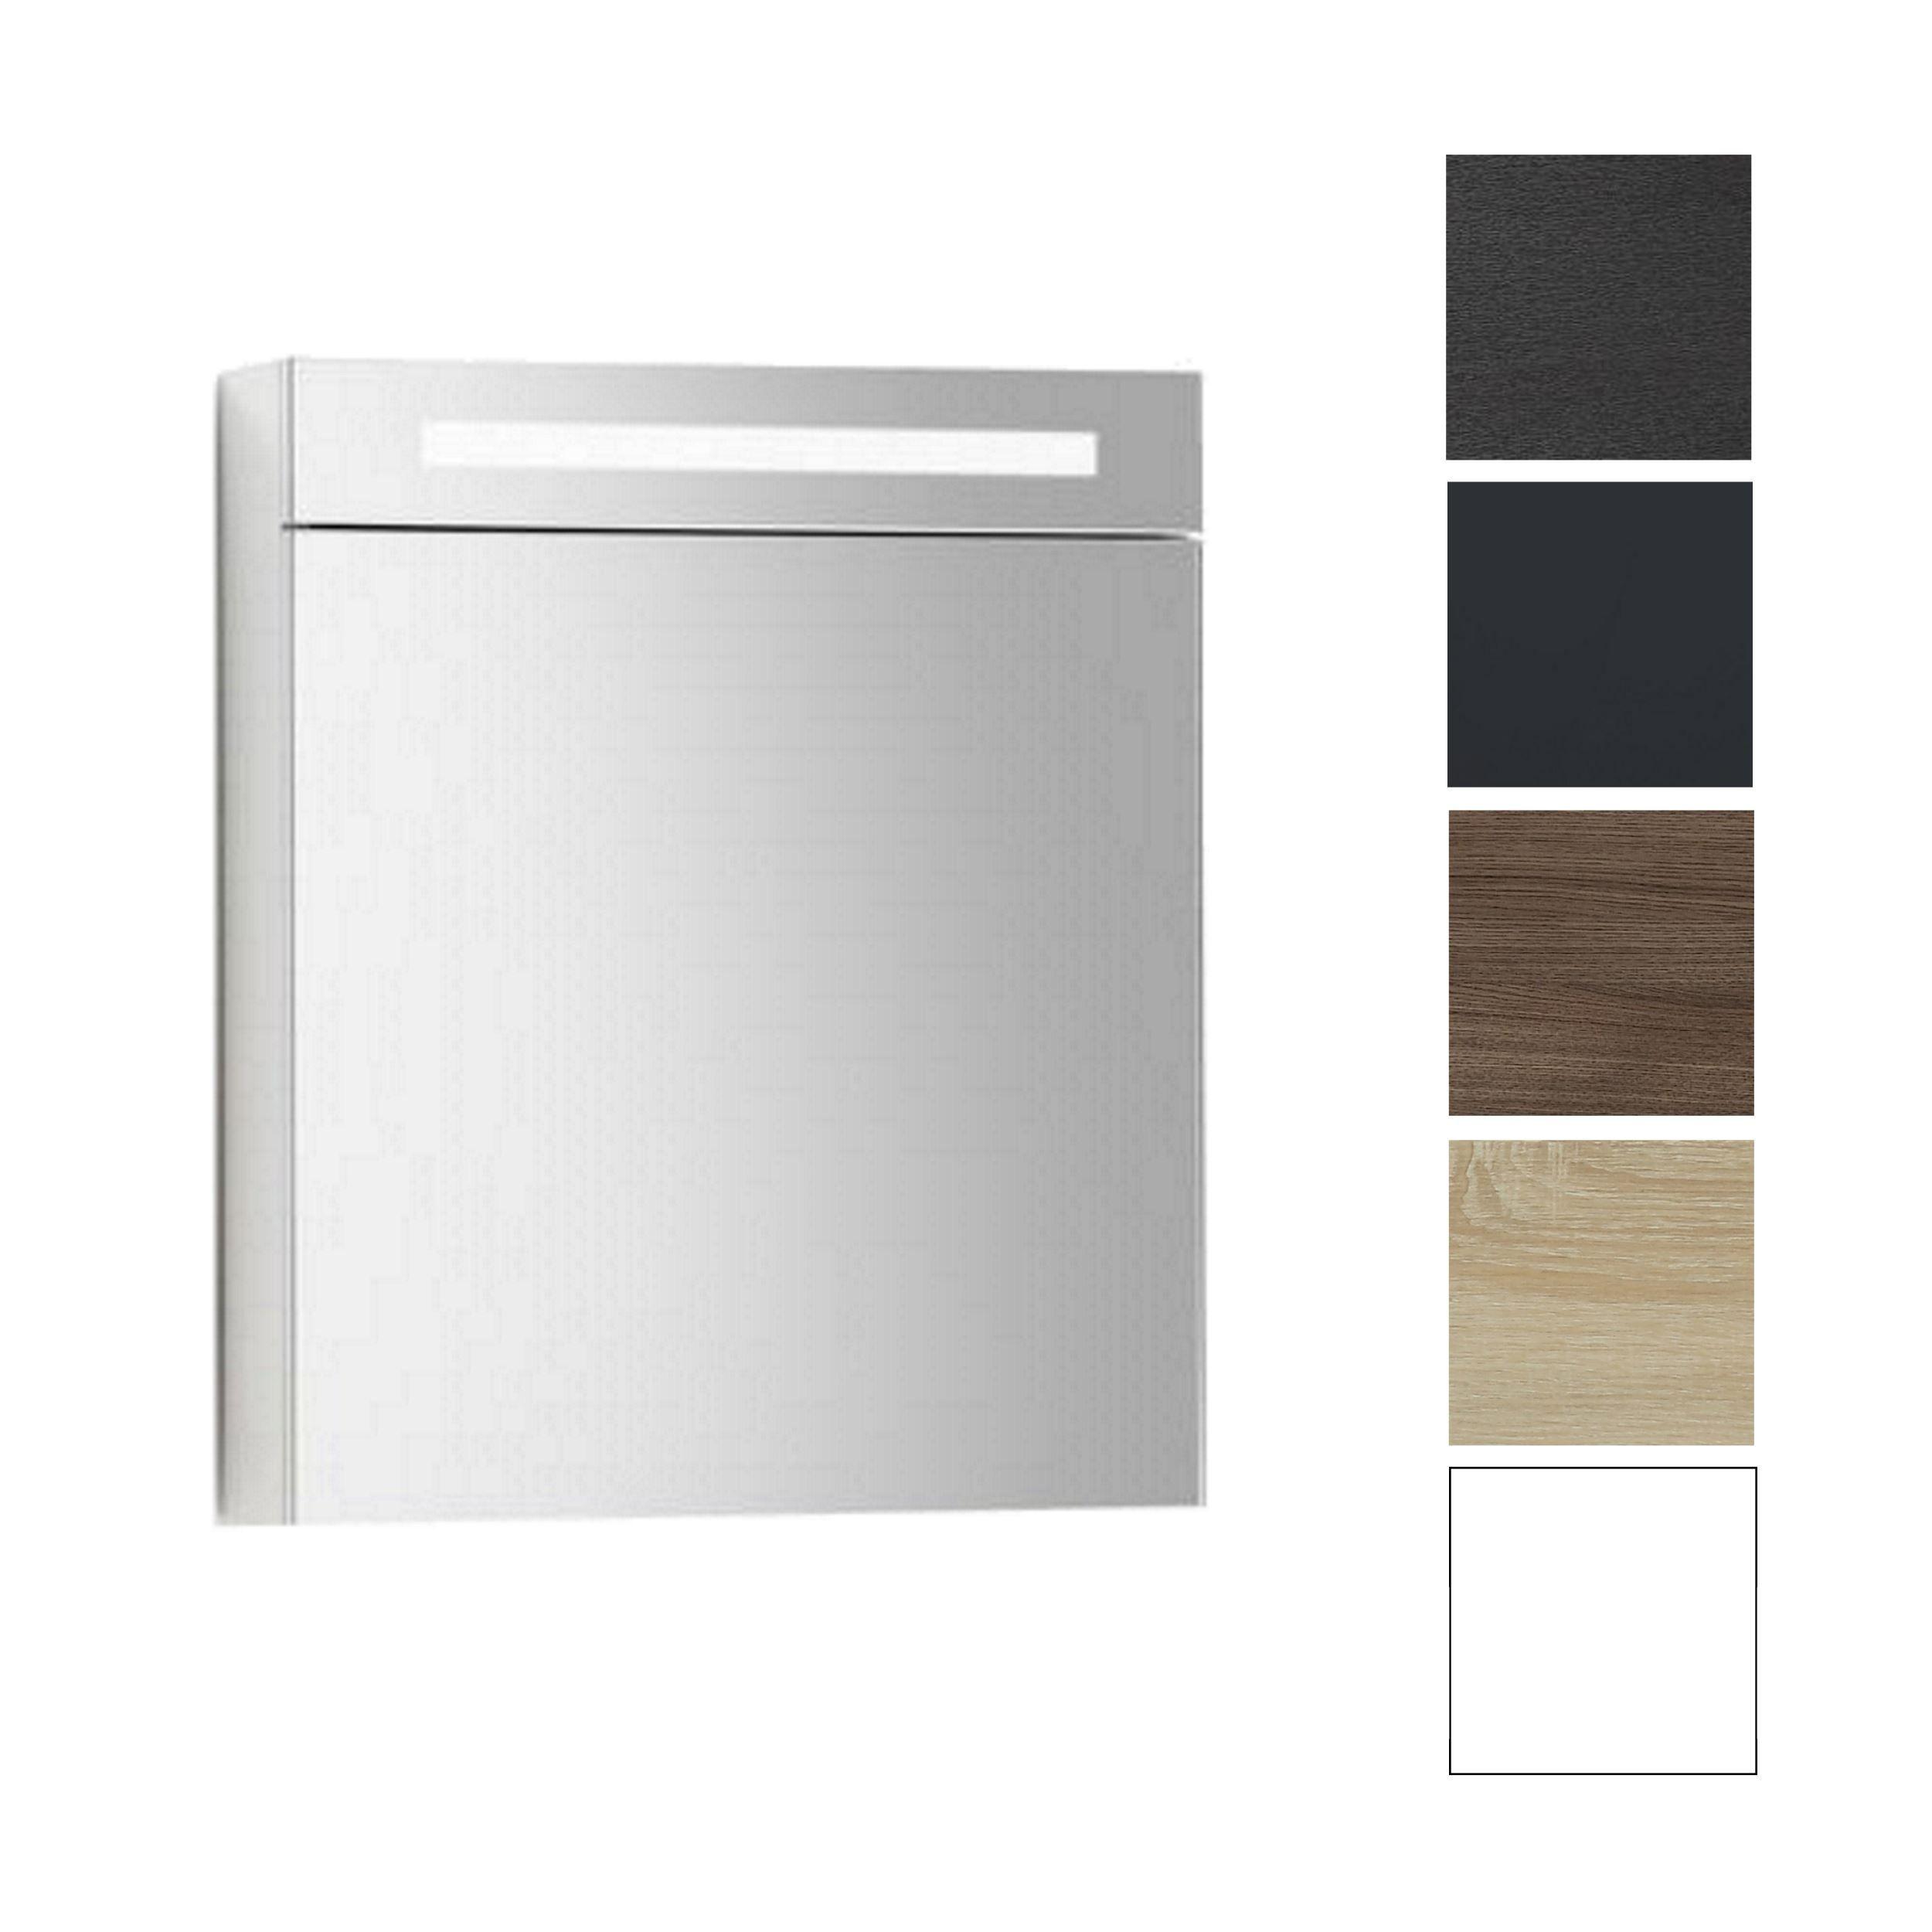 spiegelkast met verlichting wcd 60 cm wit